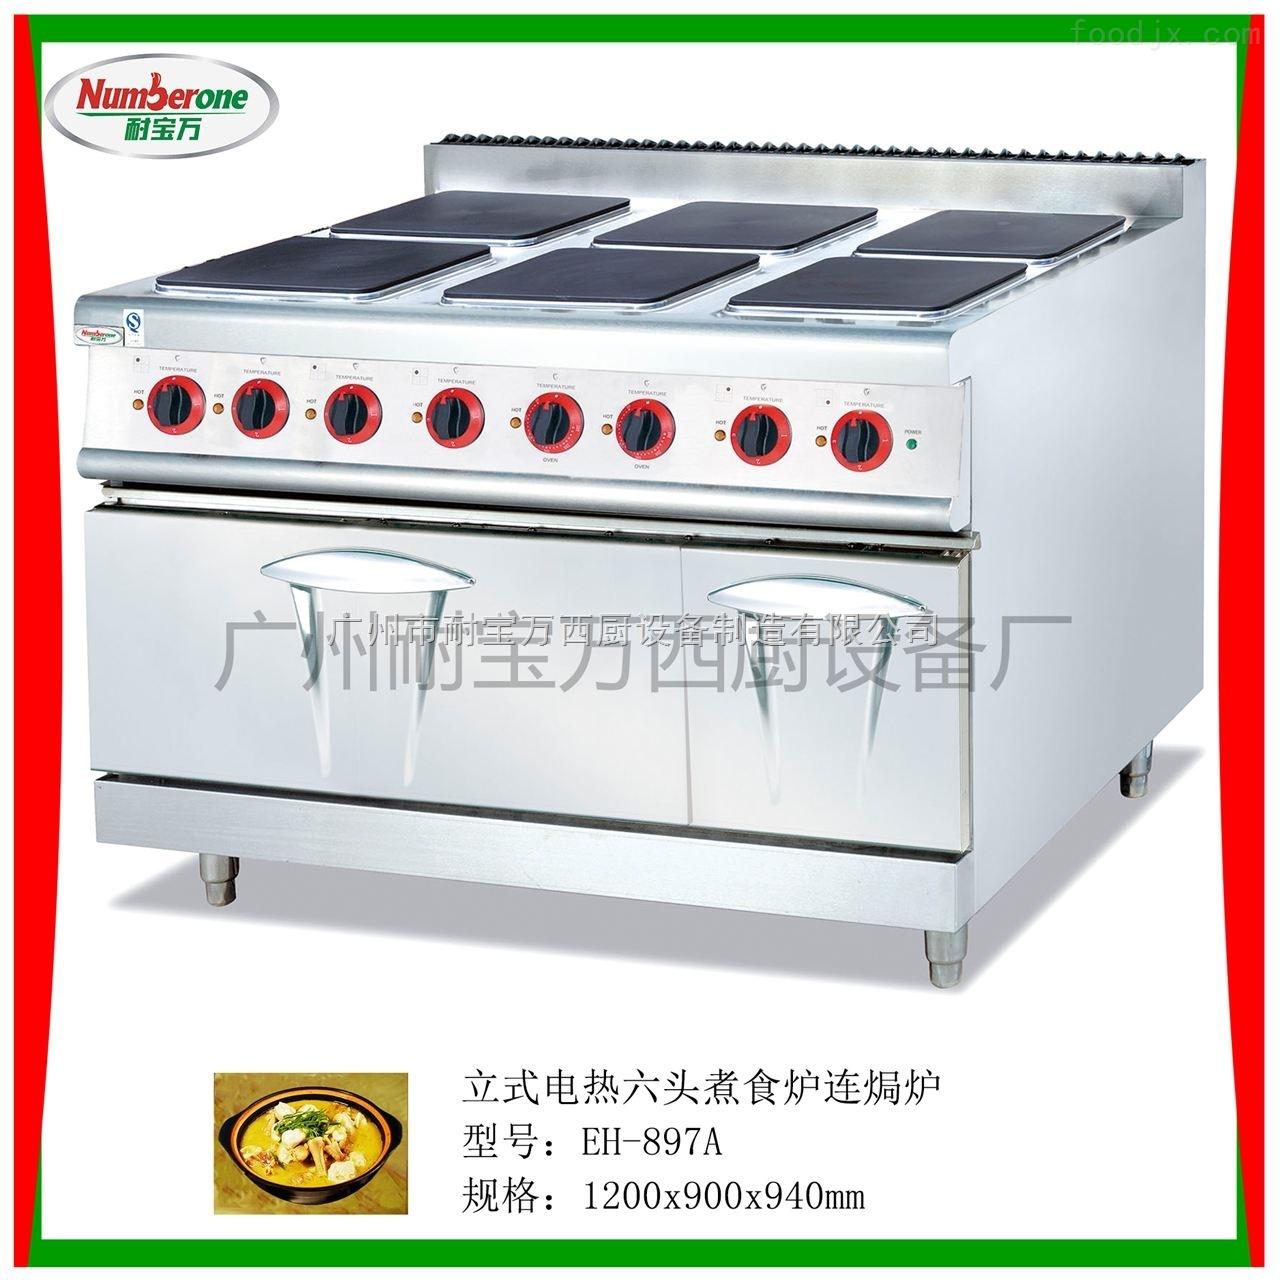 立式电热六头煮食炉连焗炉